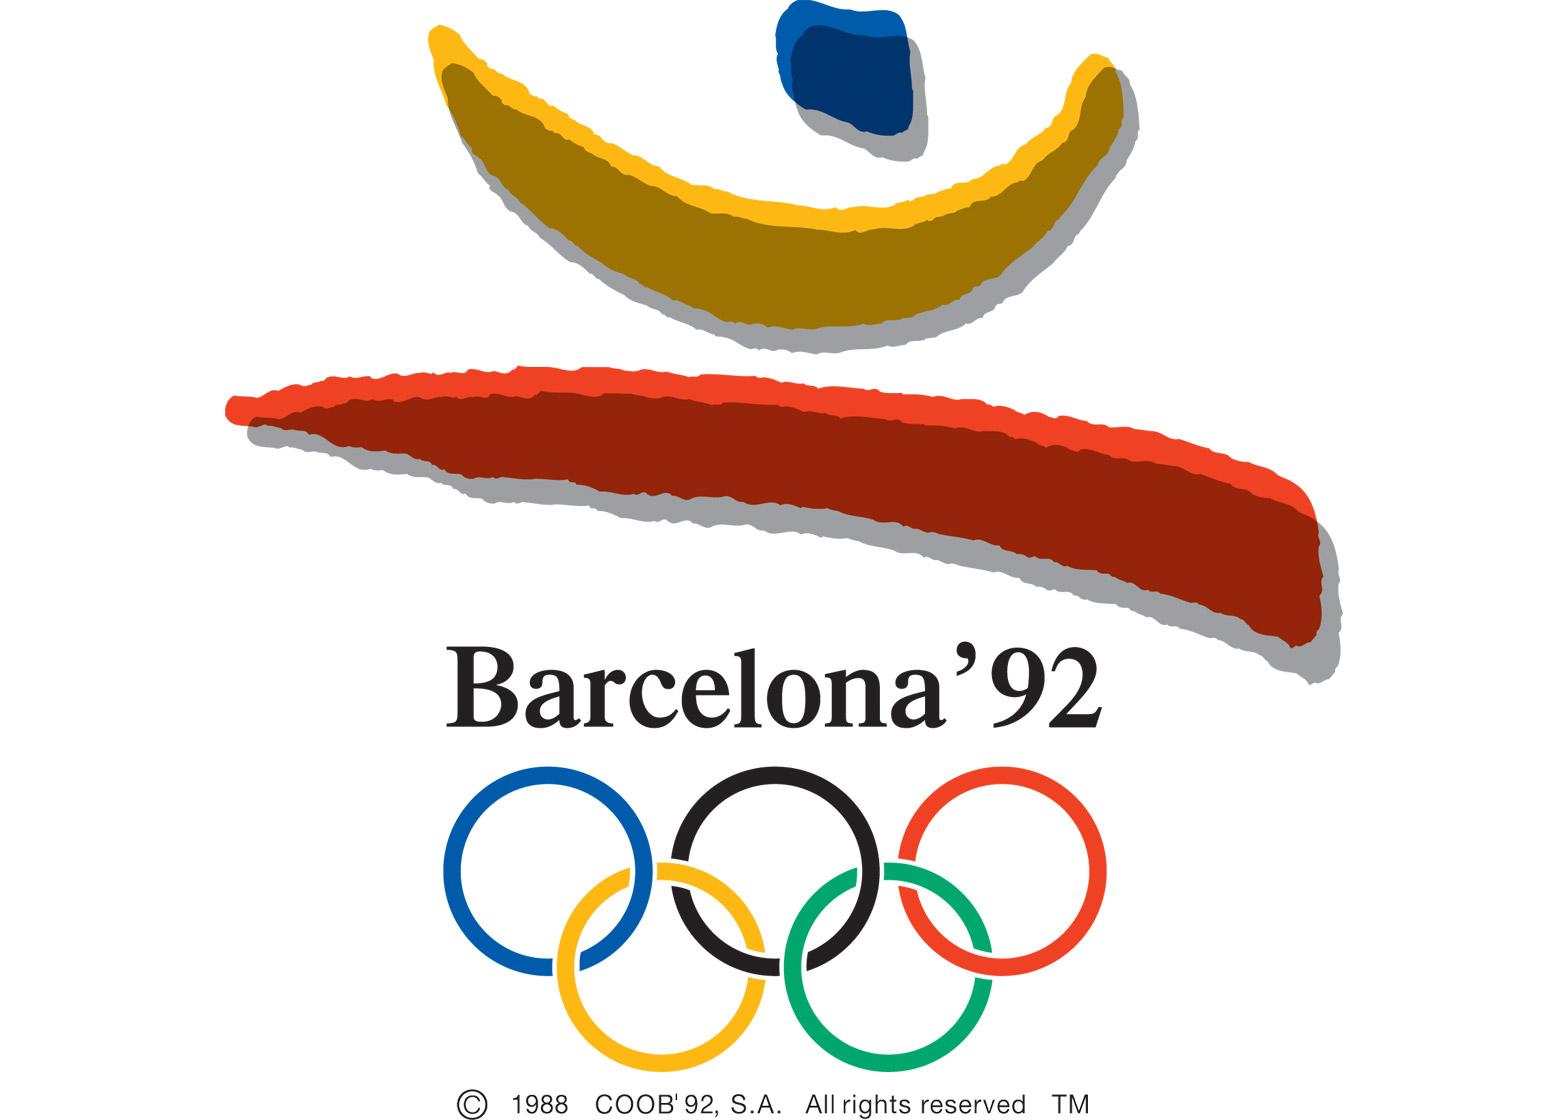 Logo of the 1992 Barcelona Olympics